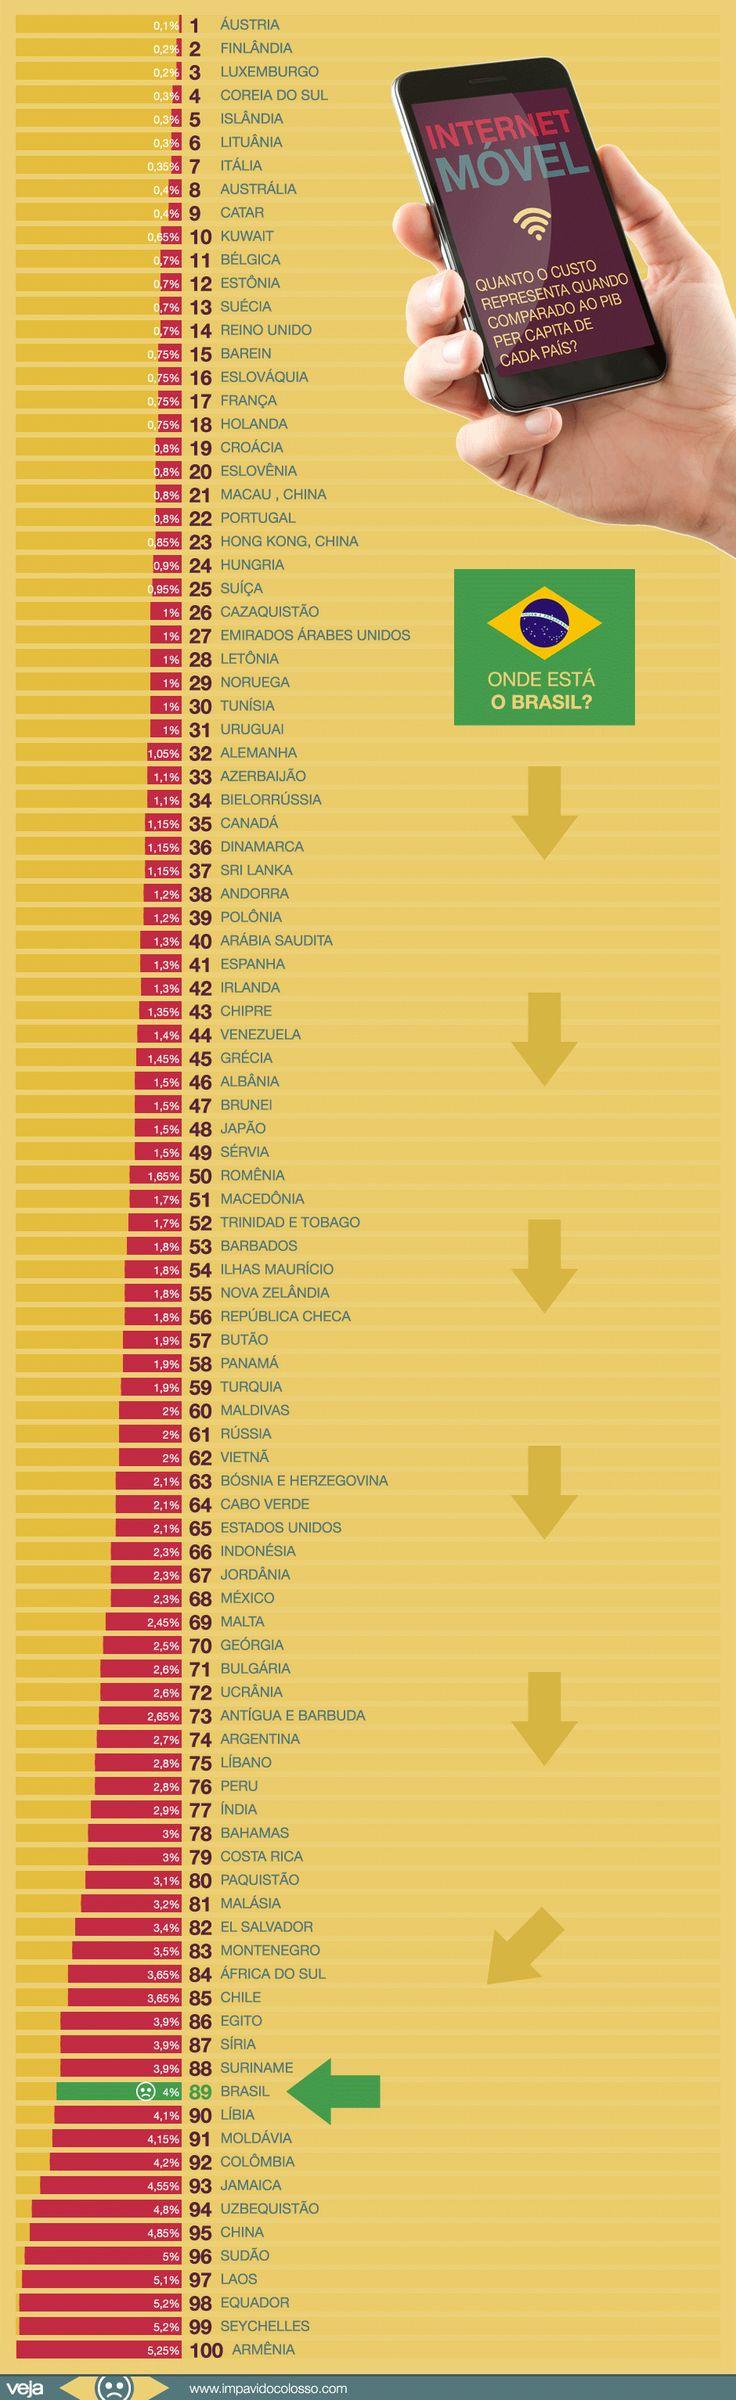 preco-internet-movel-brasil-mundo